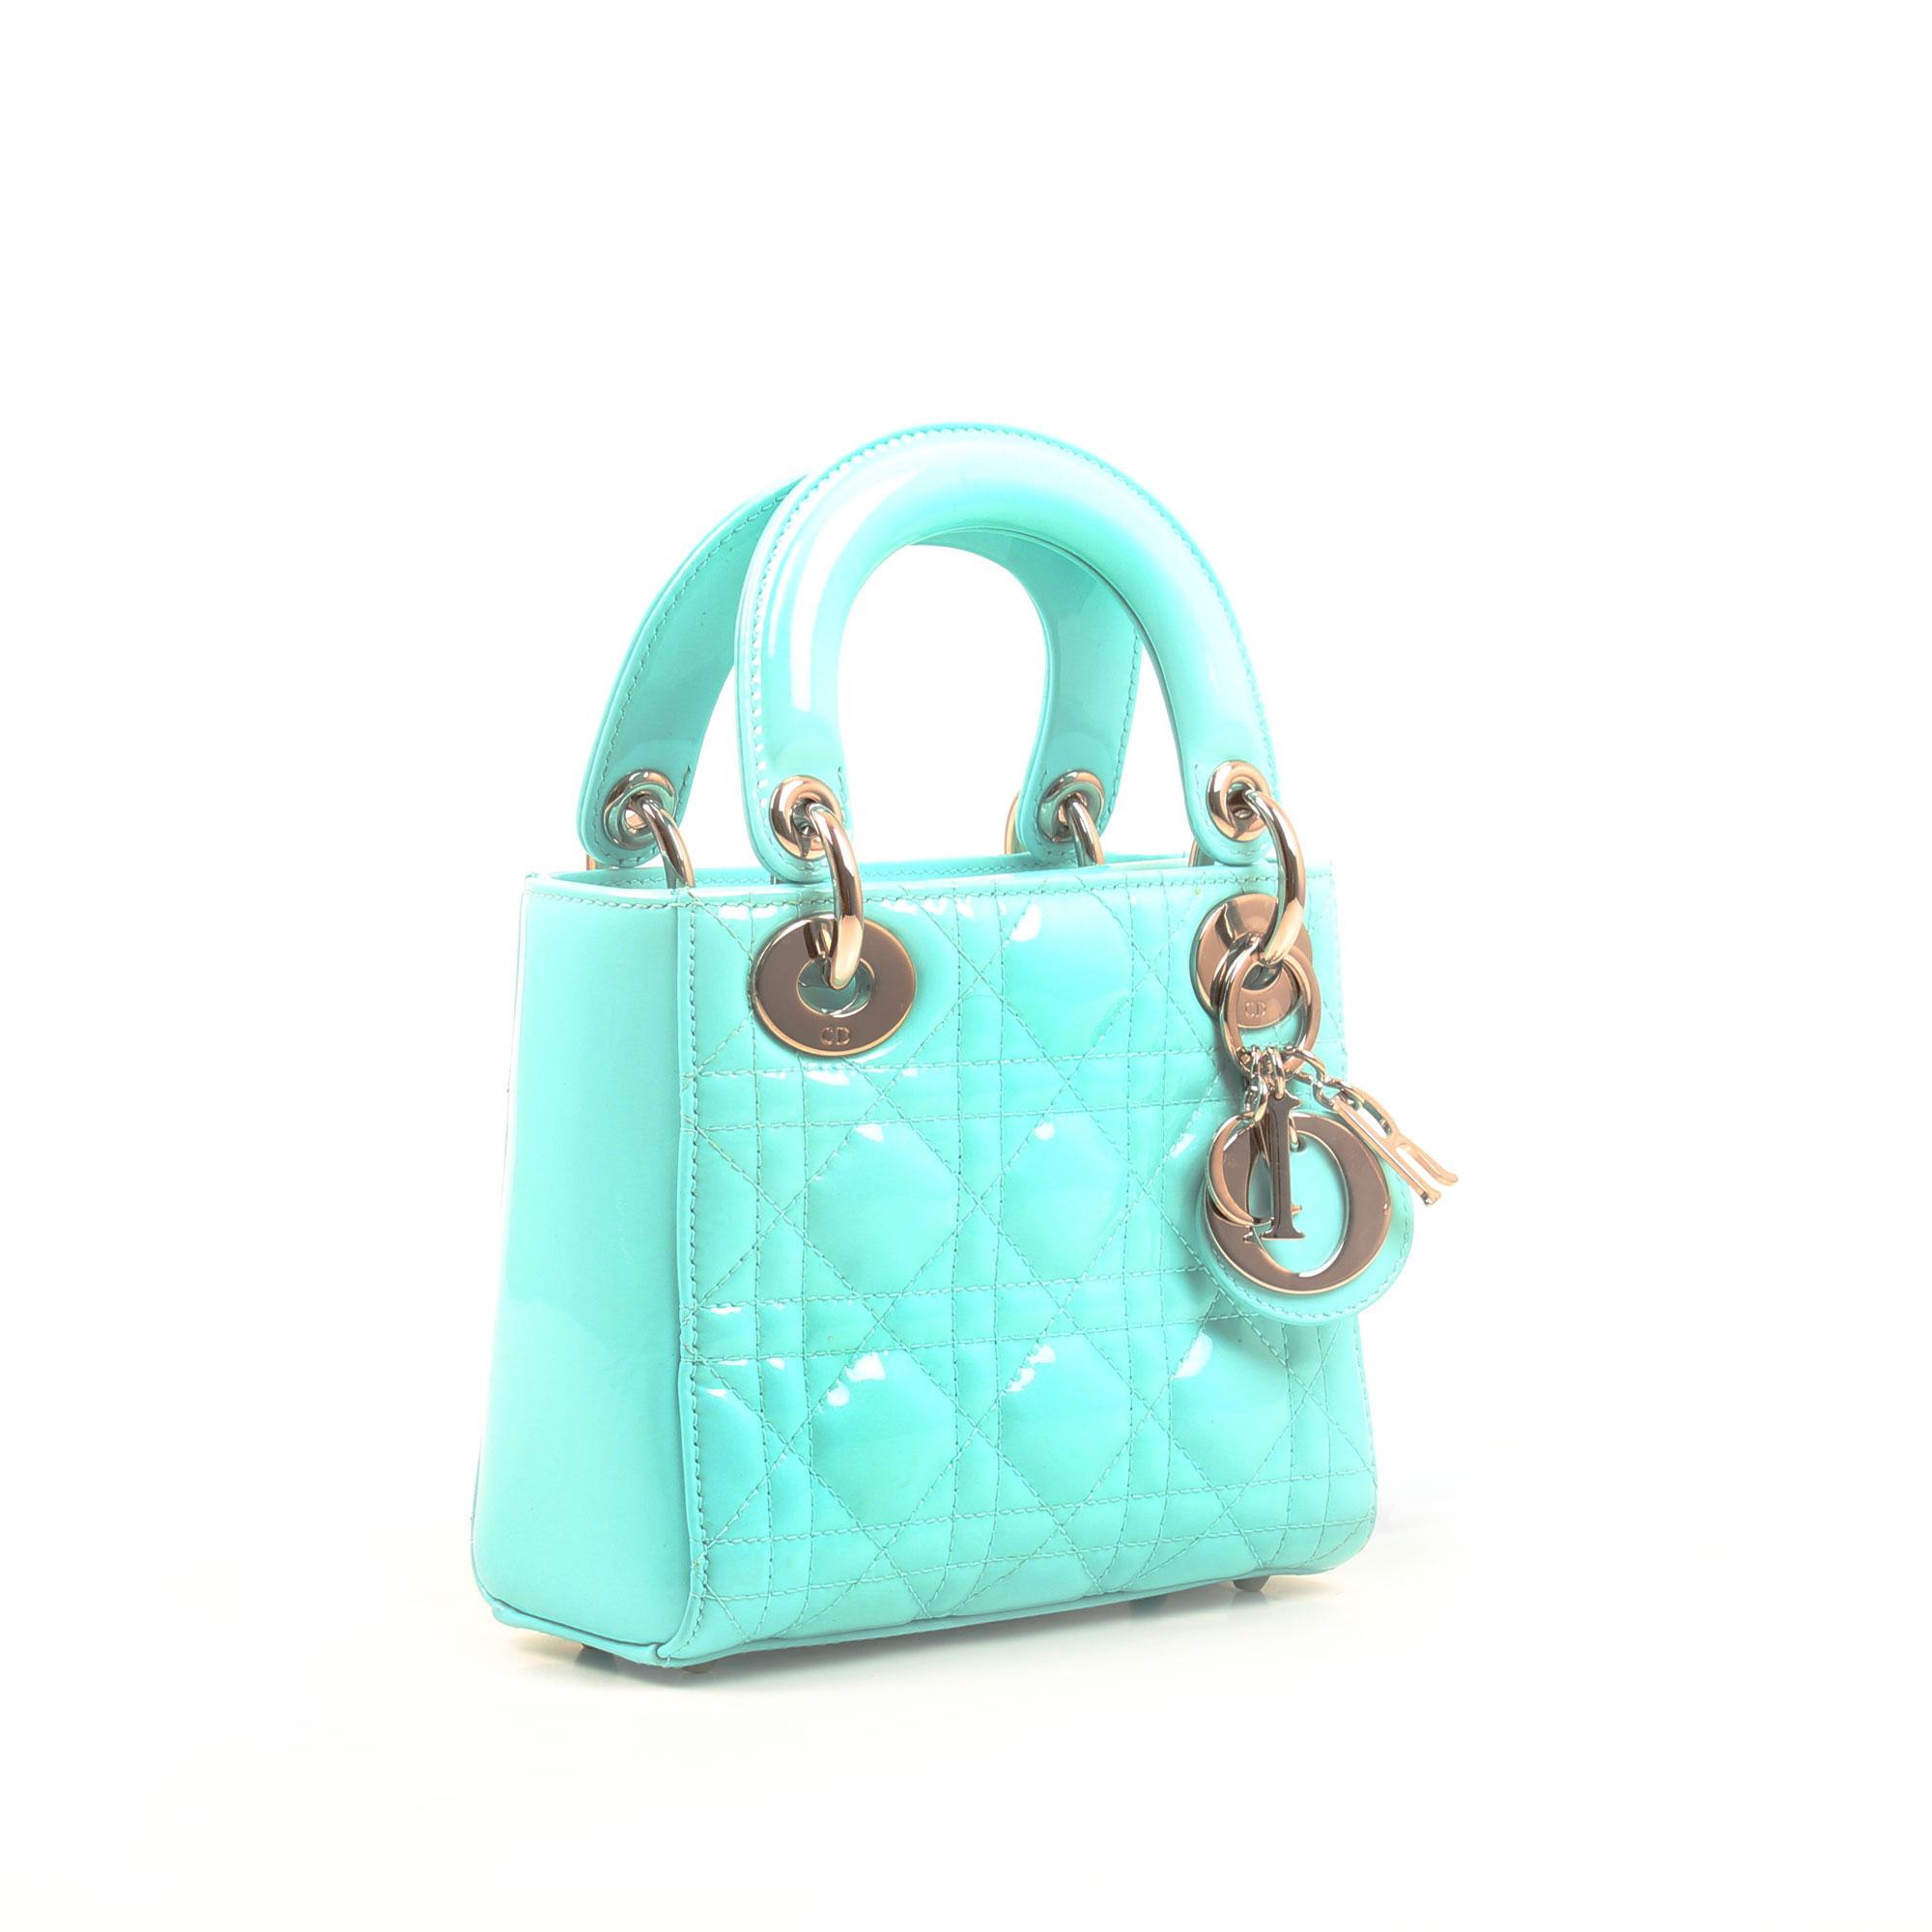 Imagen general del bolso dior mini lady dior azul piel acharolada